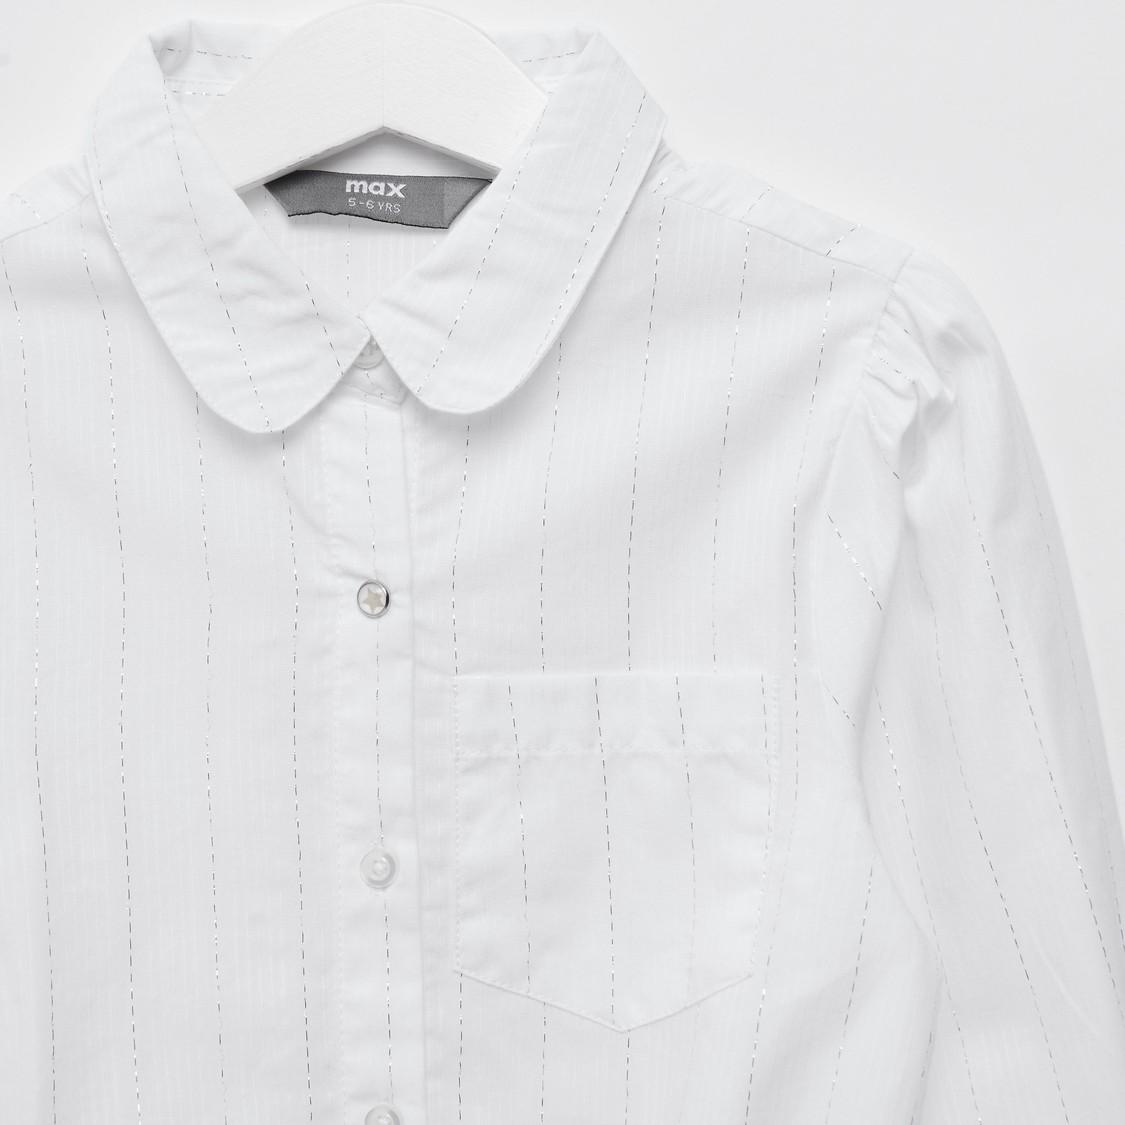 قميص مخطّط بربطة أمامية وأكمام طويلة وجيب خارجي